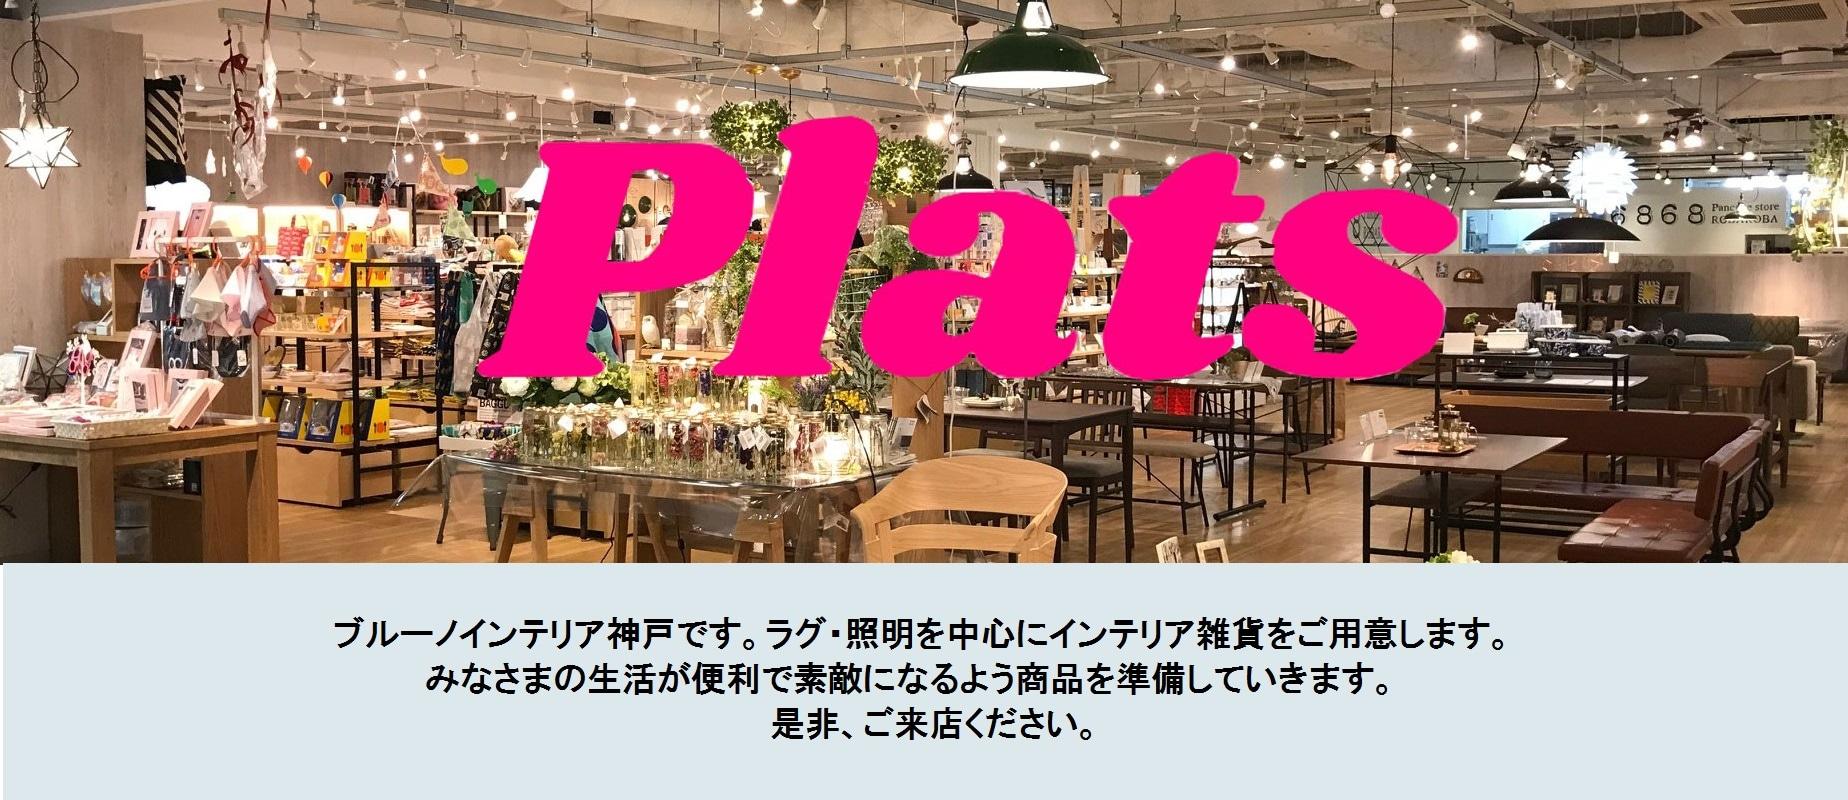 ブルーノインテリア神戸 / ラグ カーペット 照明 座椅子 インテリア雑貨